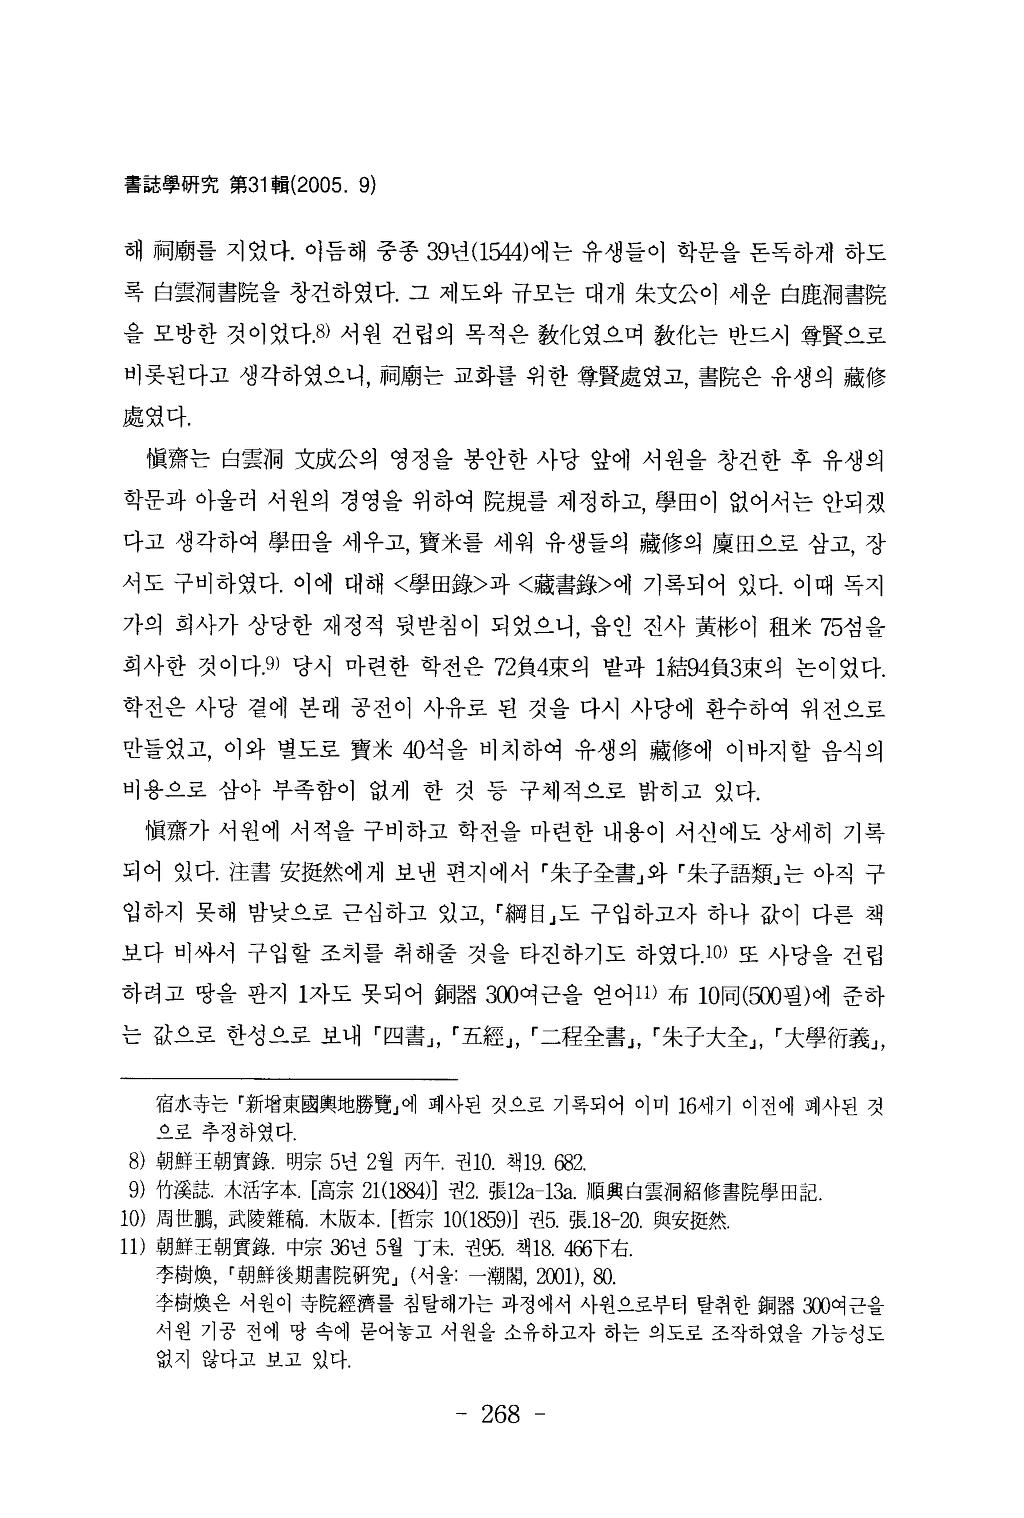 소수서원(紹修書院)_수장(收藏)과_간행_서적고(書籍考)_페이지_06.png